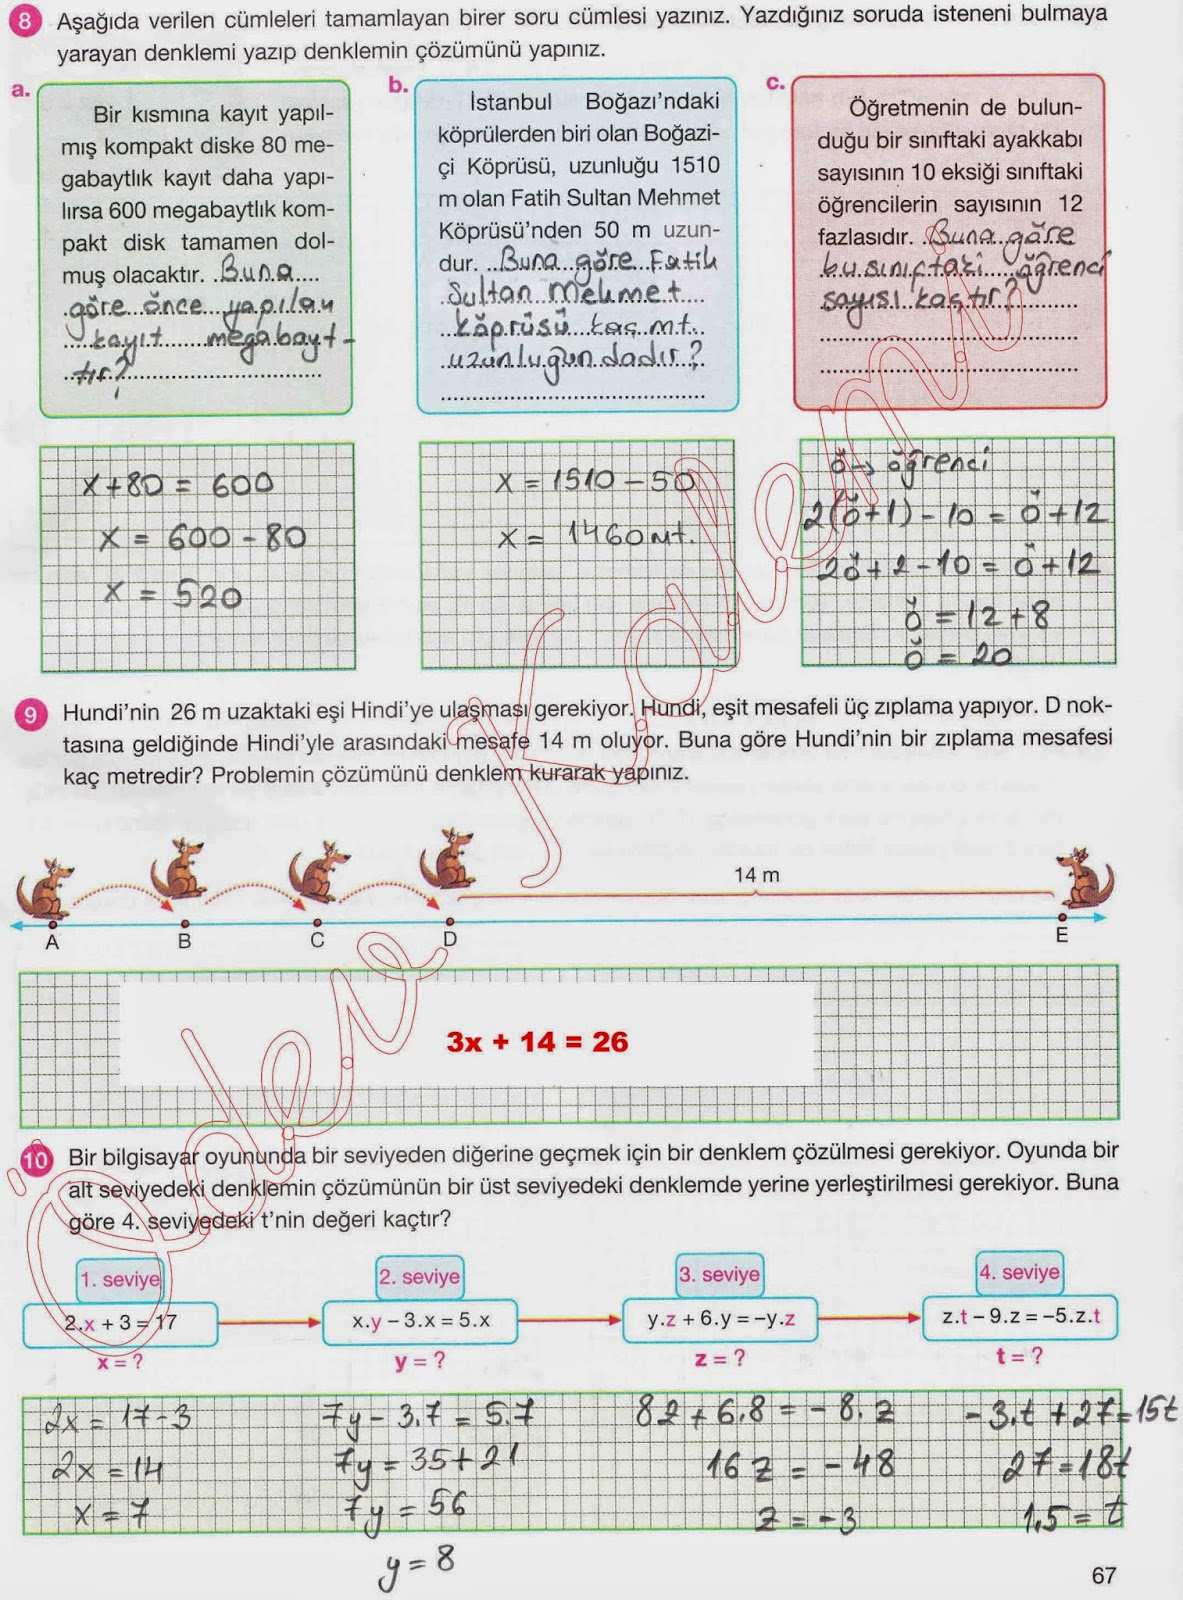 Sinif Matematik Aydin Yayinlari Çalişma Kitabi Cevaplari Sayfa